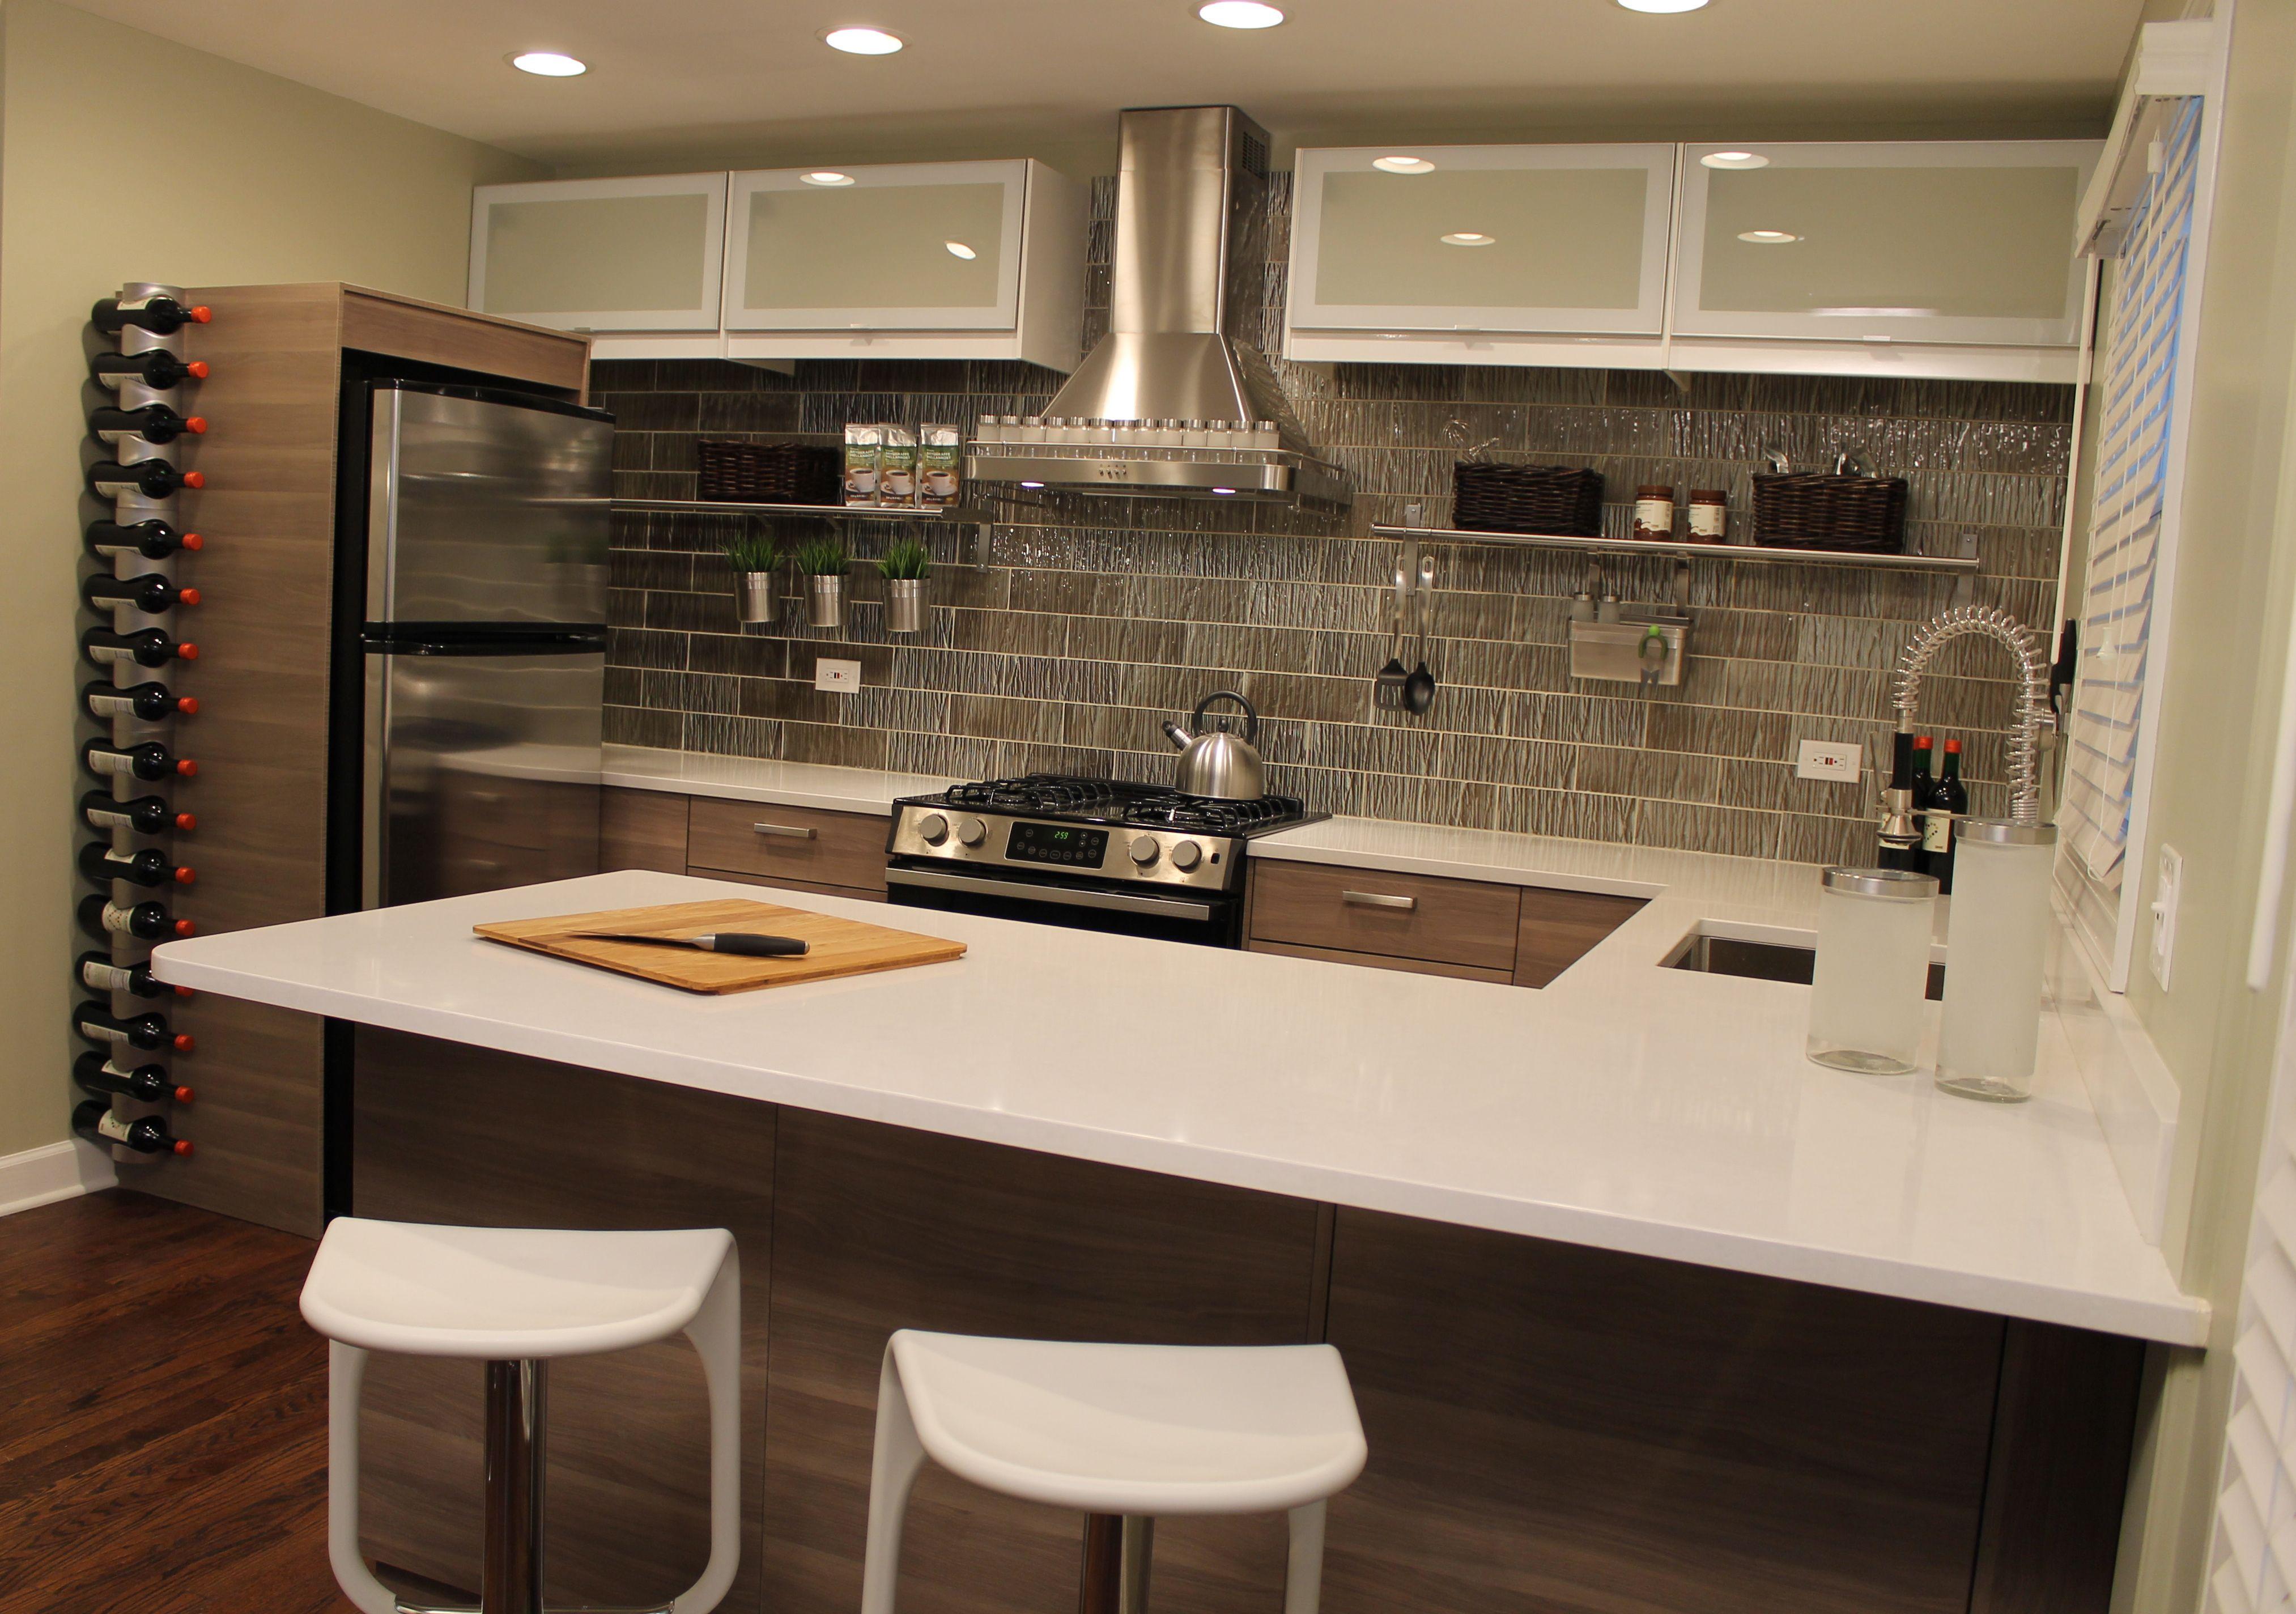 Urban Chic - Warm | Chicago interior design, Chicago ...